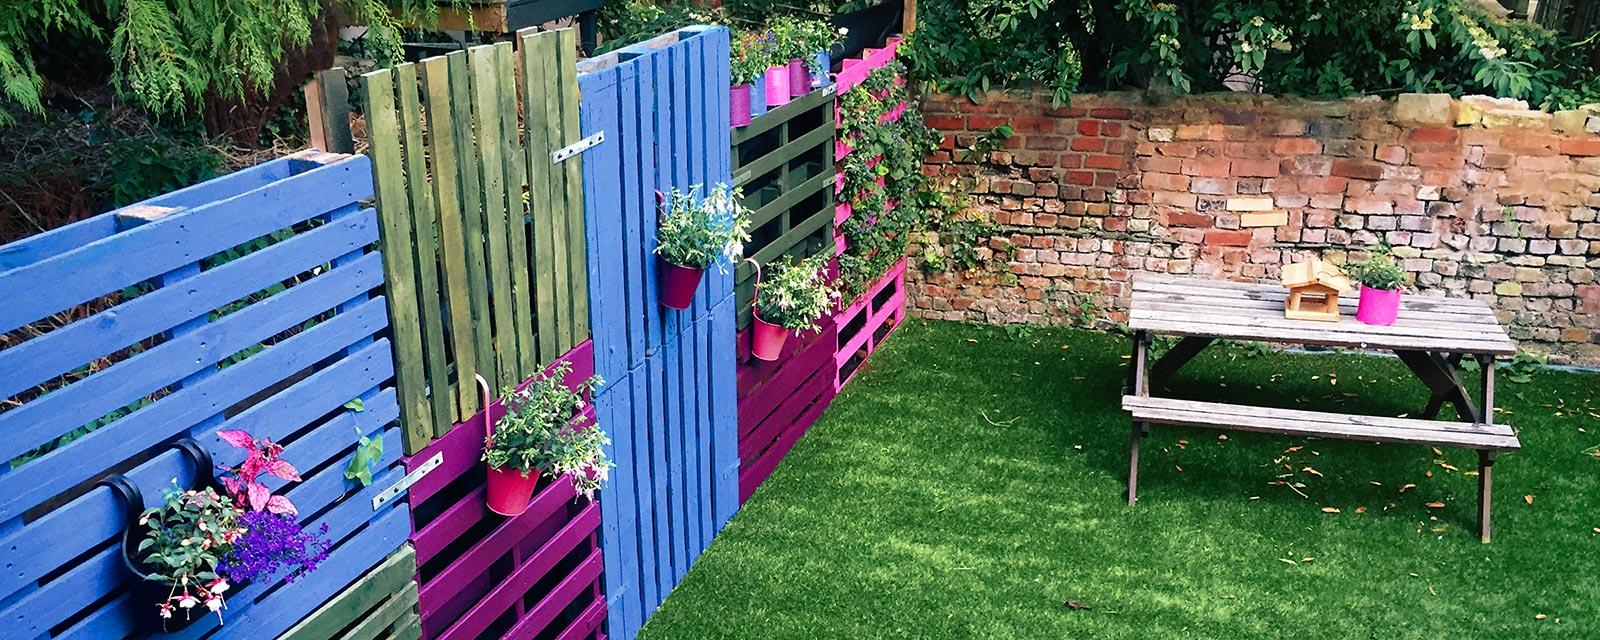 Our Bristol Garden Studio